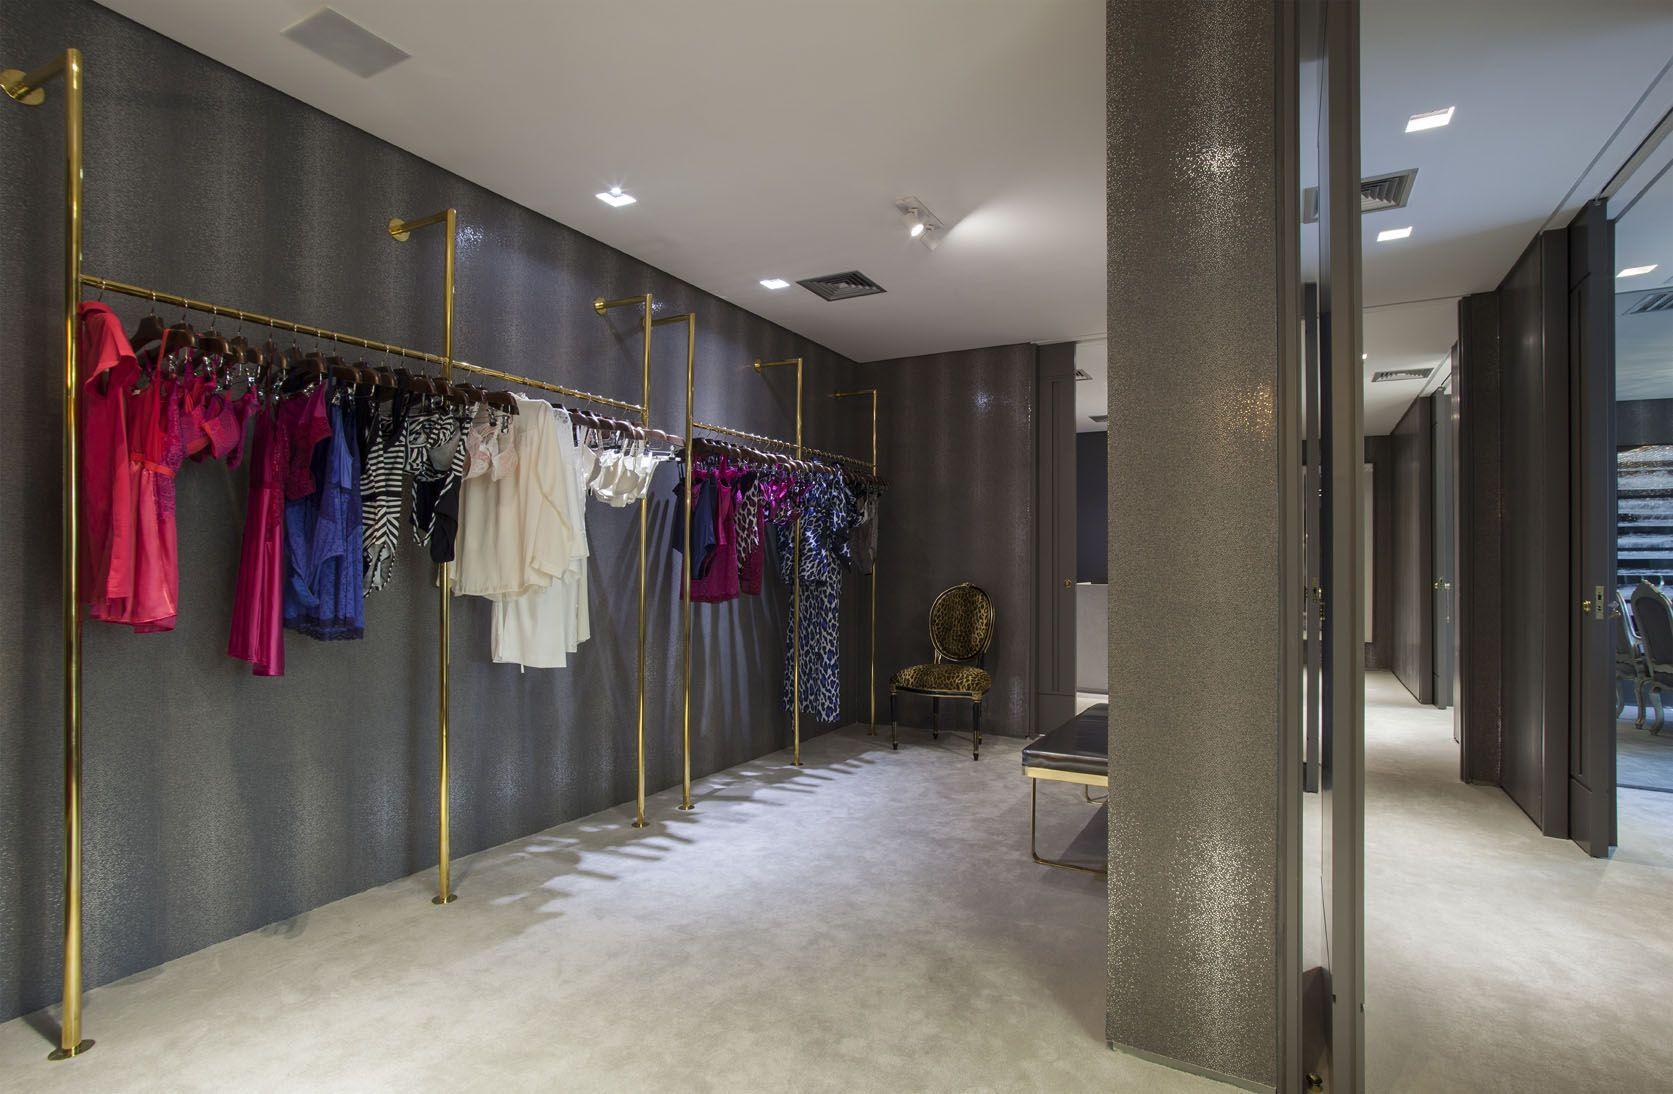 Vionnet debuts its first store in Parisu0027